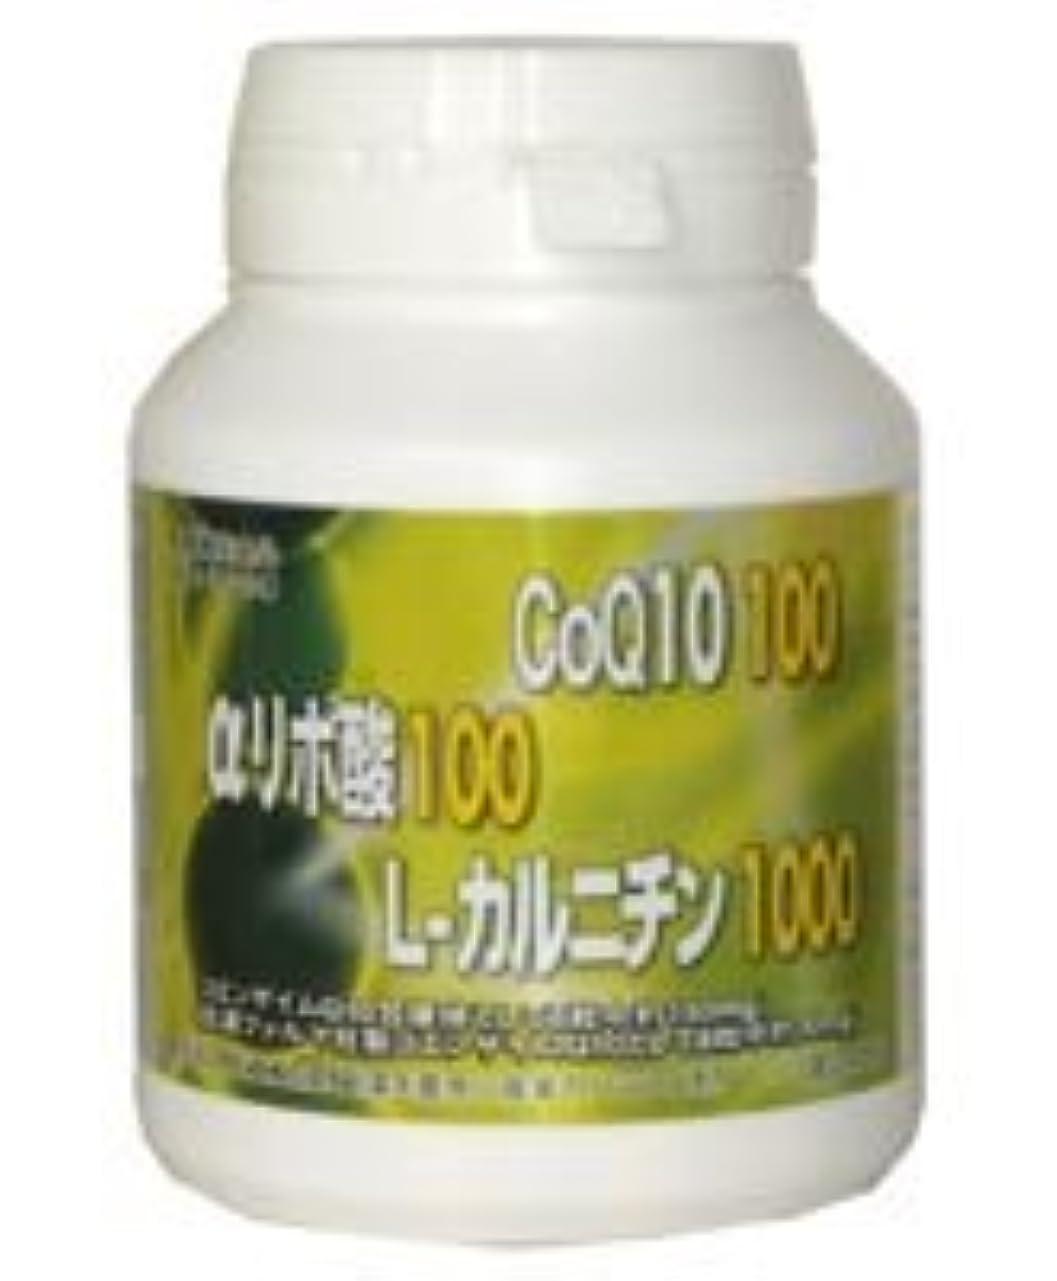 休憩する先住民ゾーンCoQ10 100+αリポ酸100+L-カルニチン1000